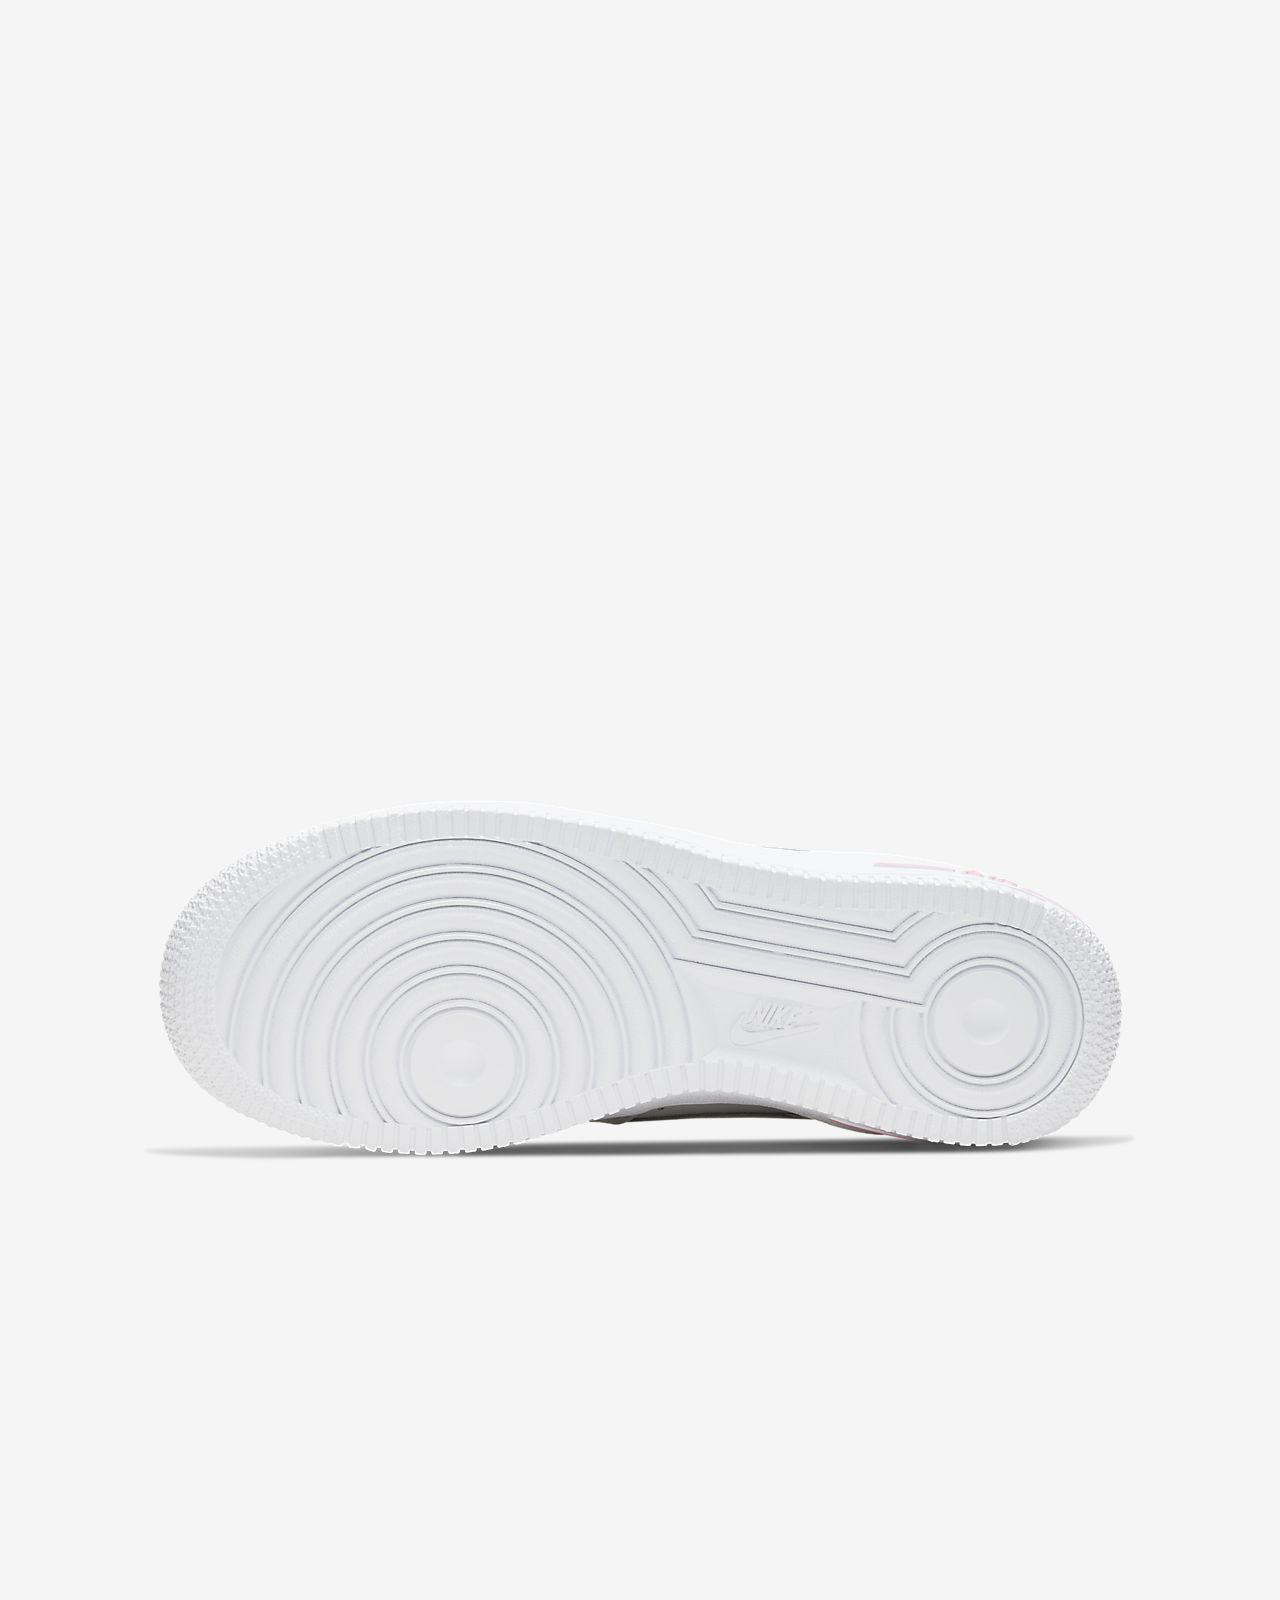 Buty dla niemowląt Nike Force 1 LV8 3